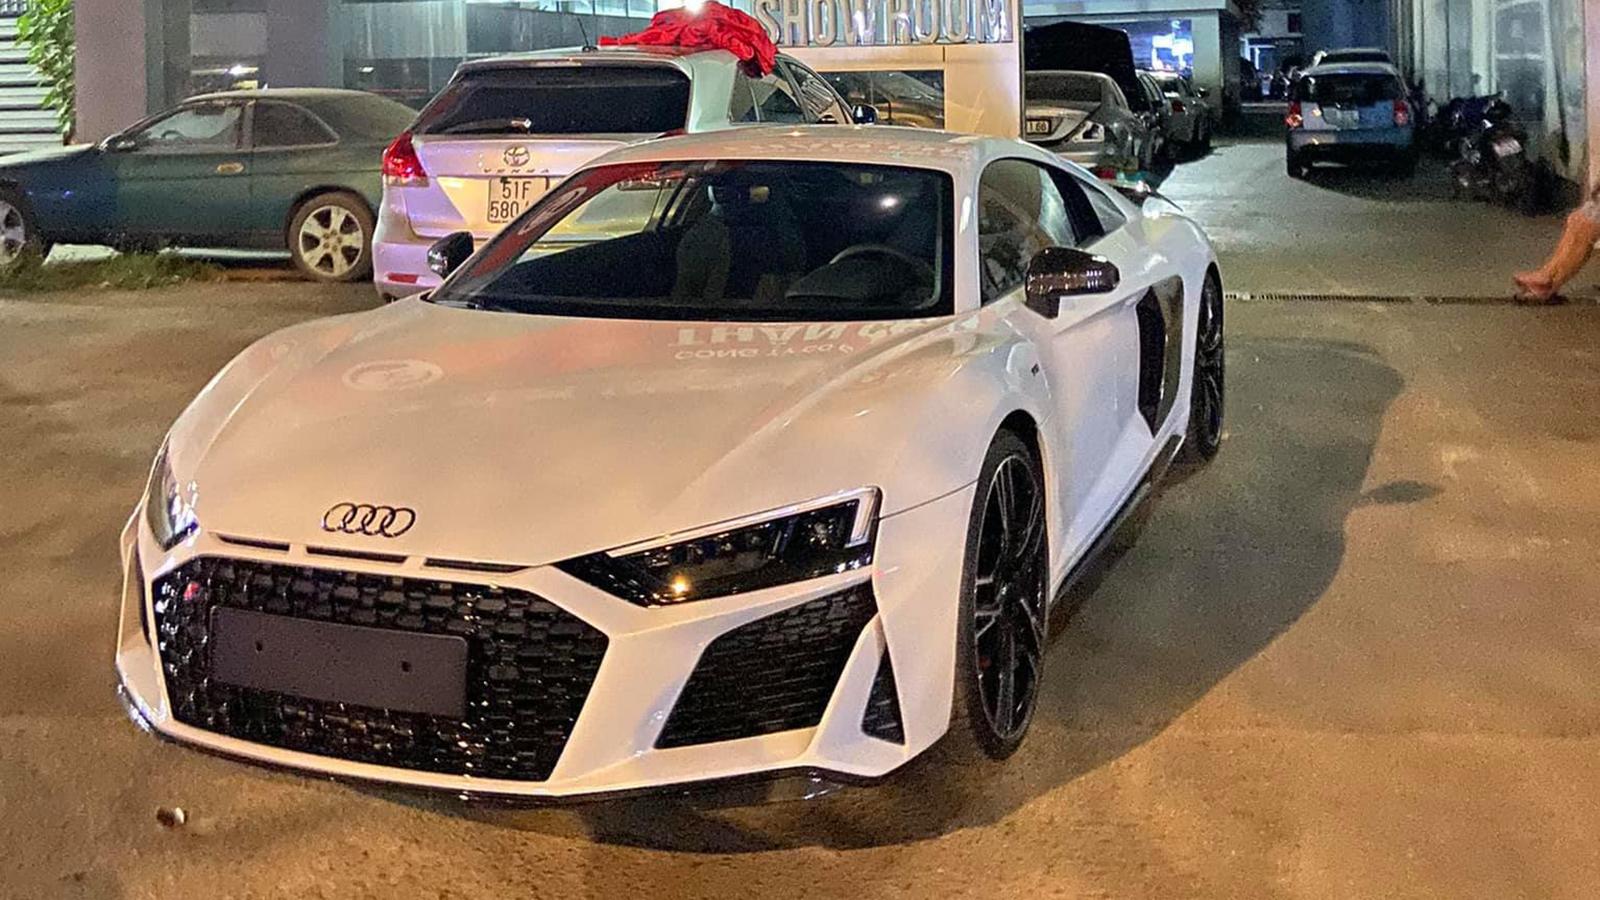 Siêu xe Audi R8 V10 Plus 2021 đầu tiên về Việt Nam